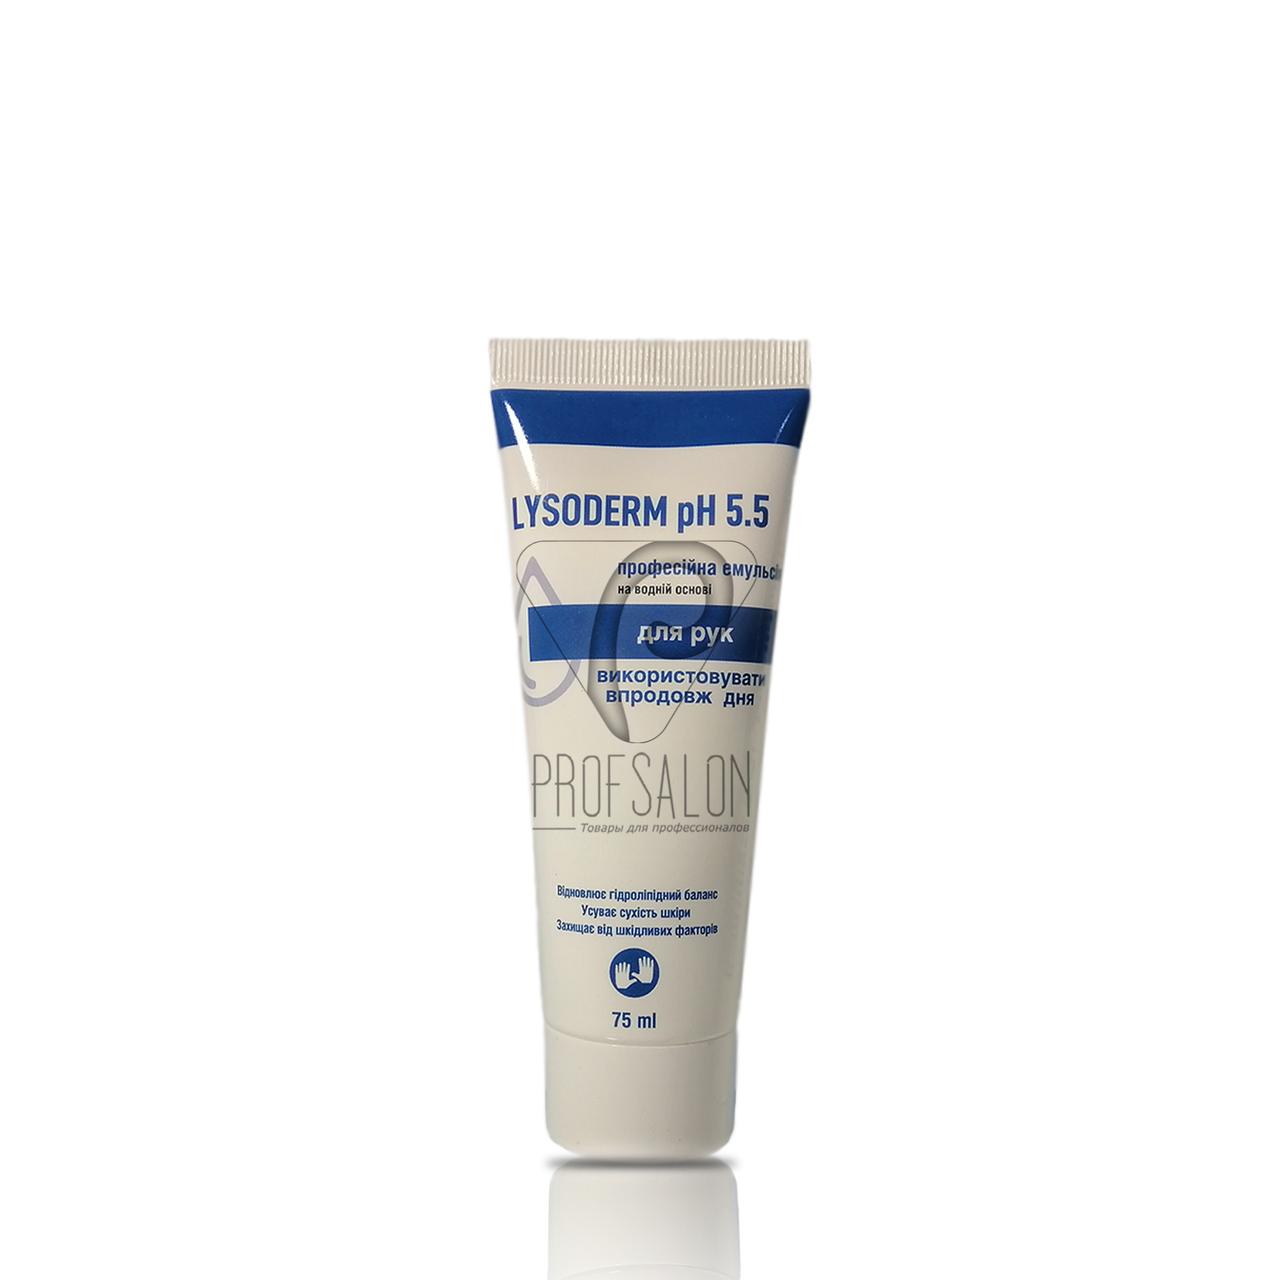 Крем Лизодерм рН 5.5, 75 мл, туба - профессиональная эмульсия на водной основе для рук и кожи